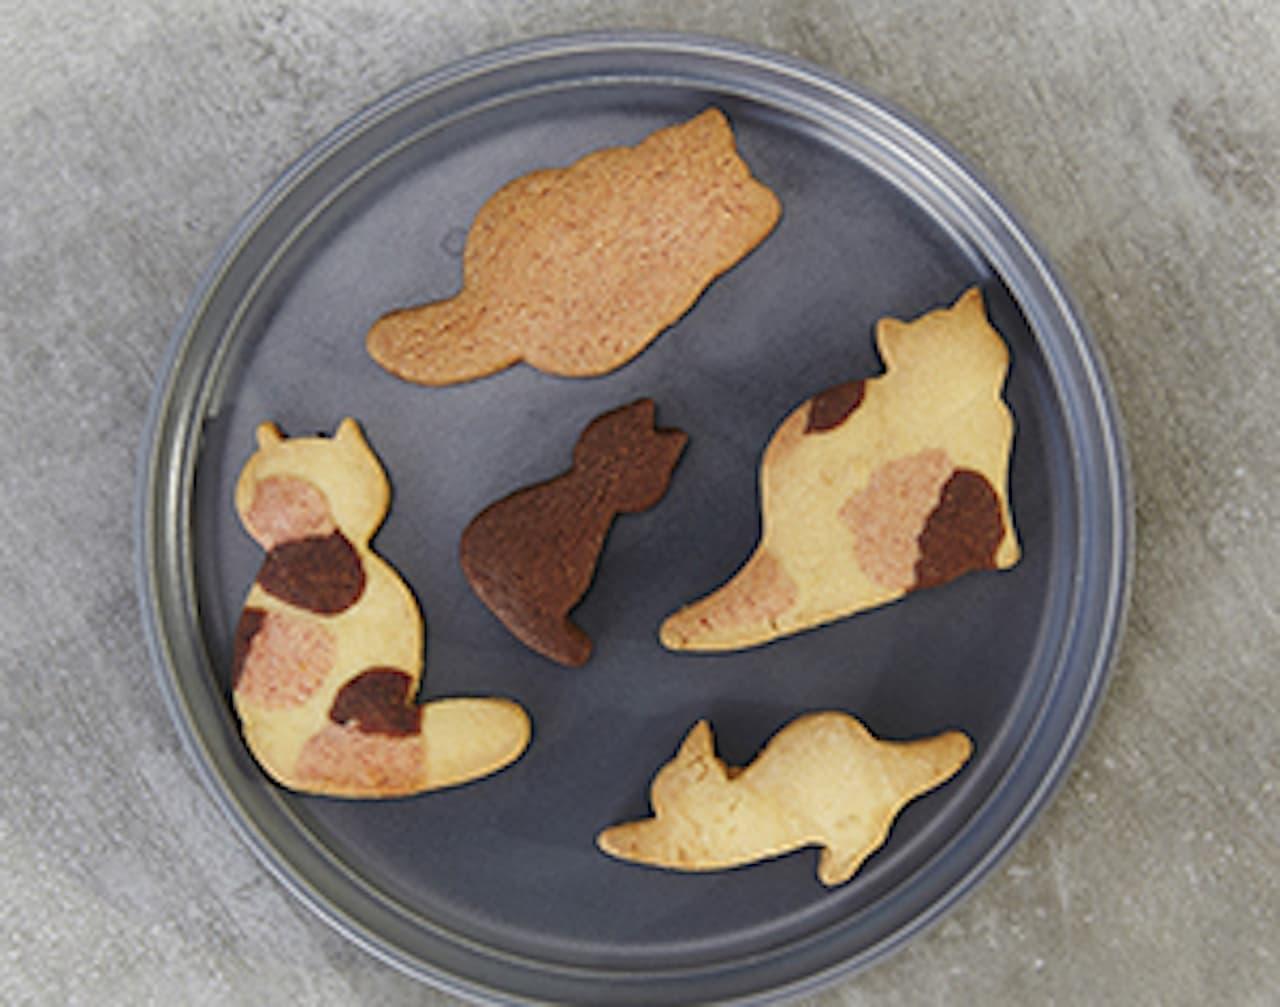 ukafe(ウカフェ)「三毛猫クッキー」